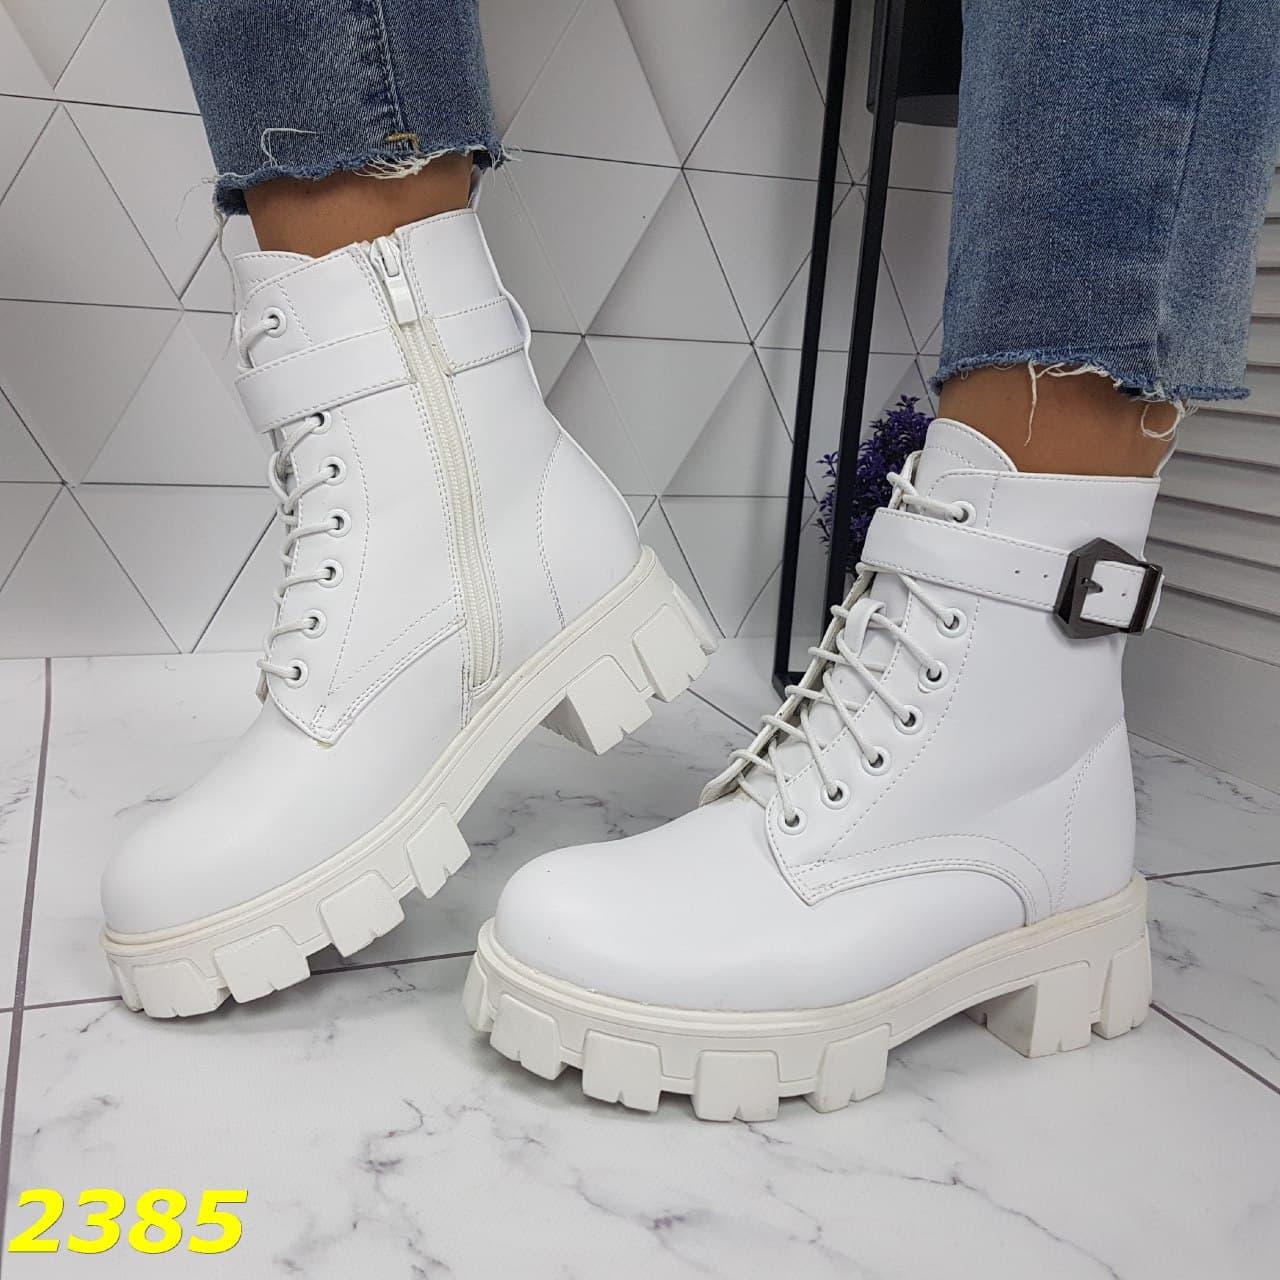 зимние ботинки, белые ботинки